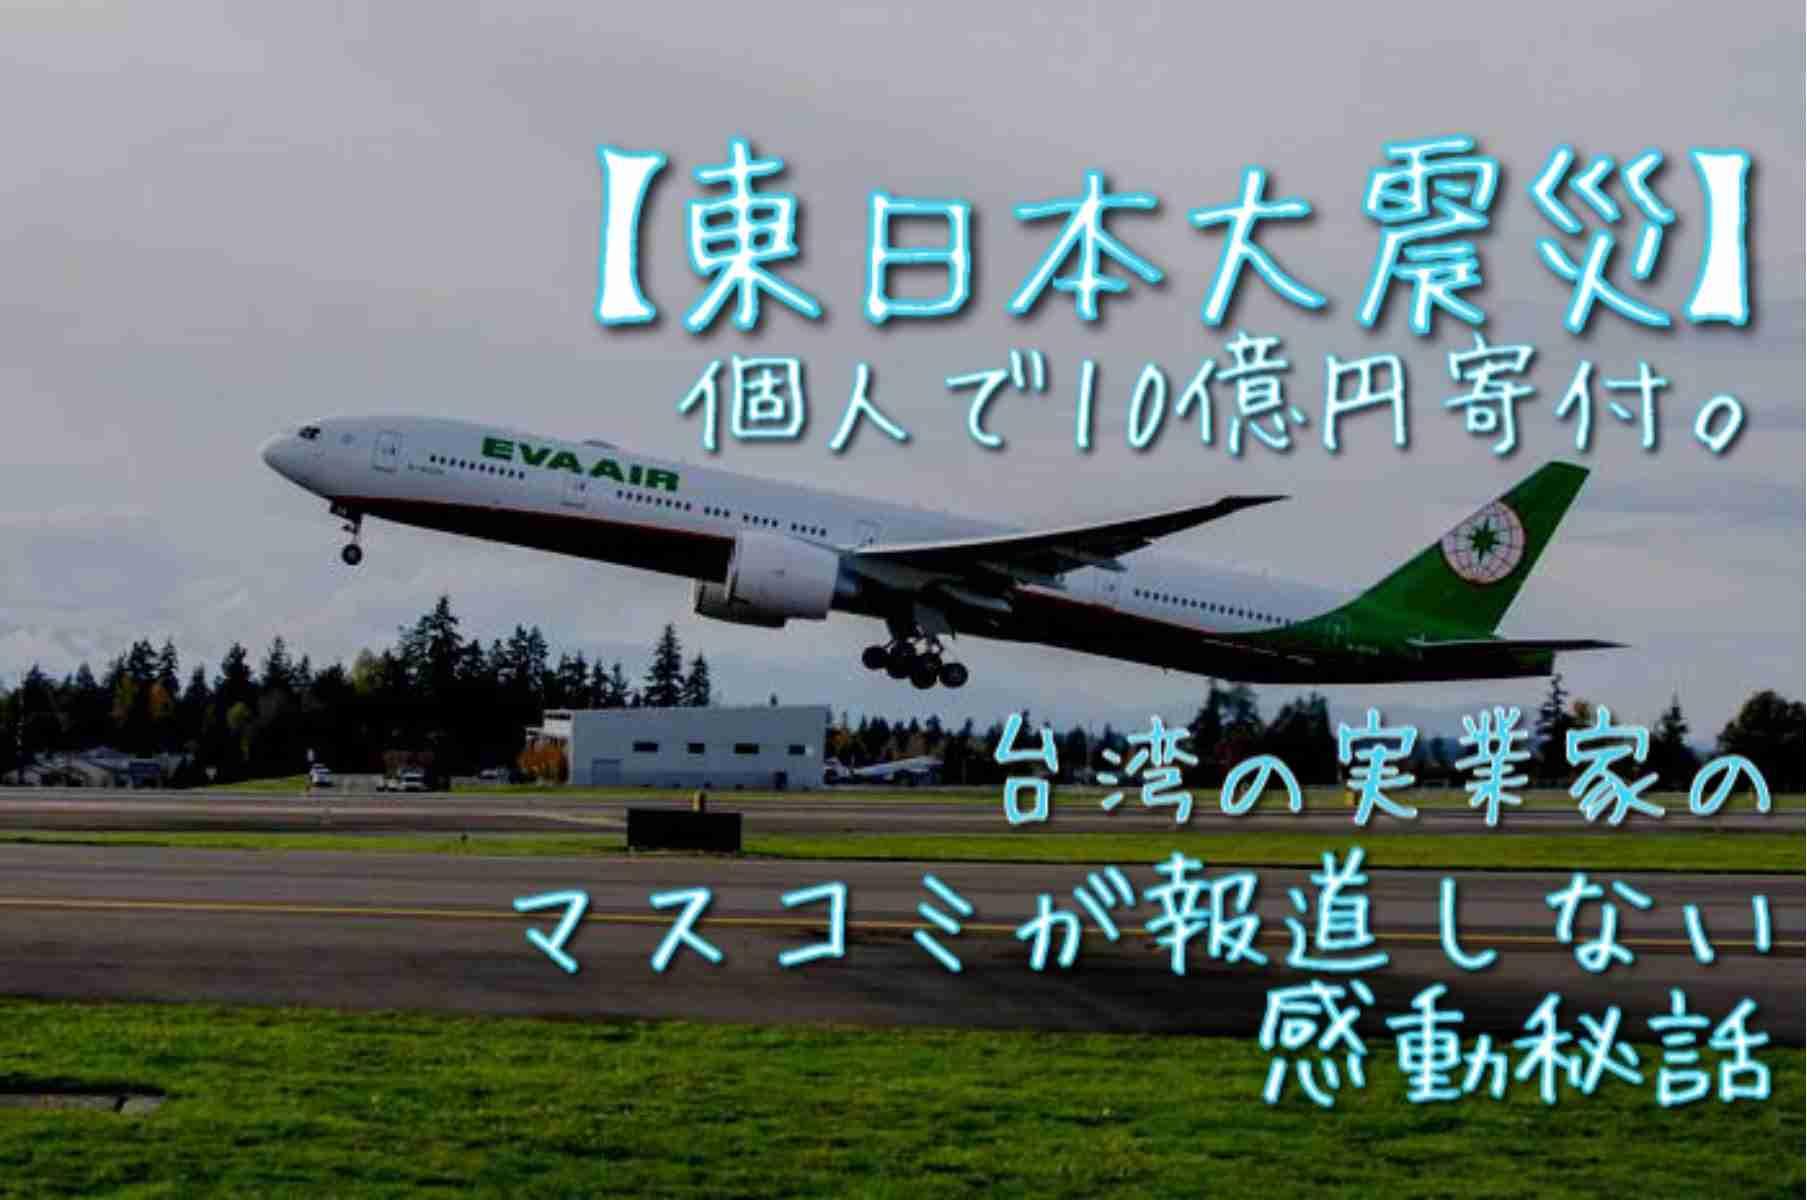 【東日本大震災】個人で10億円寄付。台湾の事業家のマスコミが報道しない感動秘話。 - YouTube